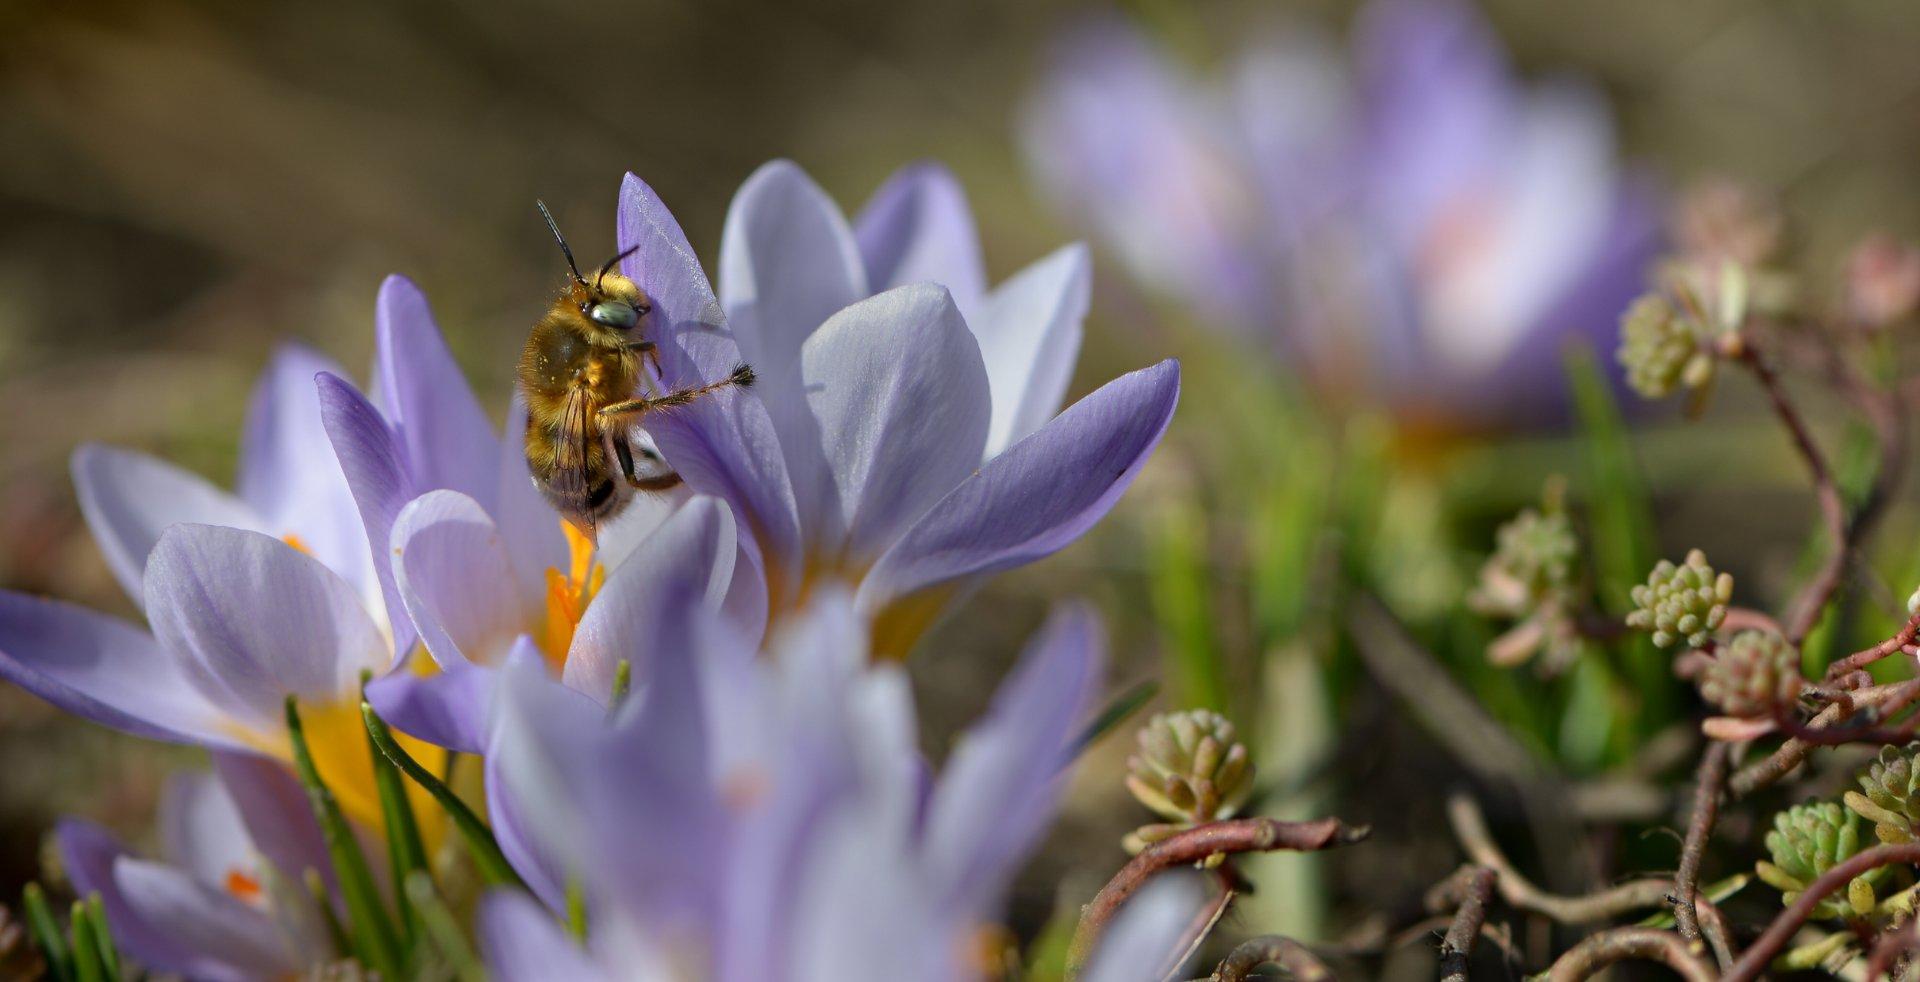 природа, макро, весна, цветы, крокус, насекомое, пчелка, Неля Рачкова